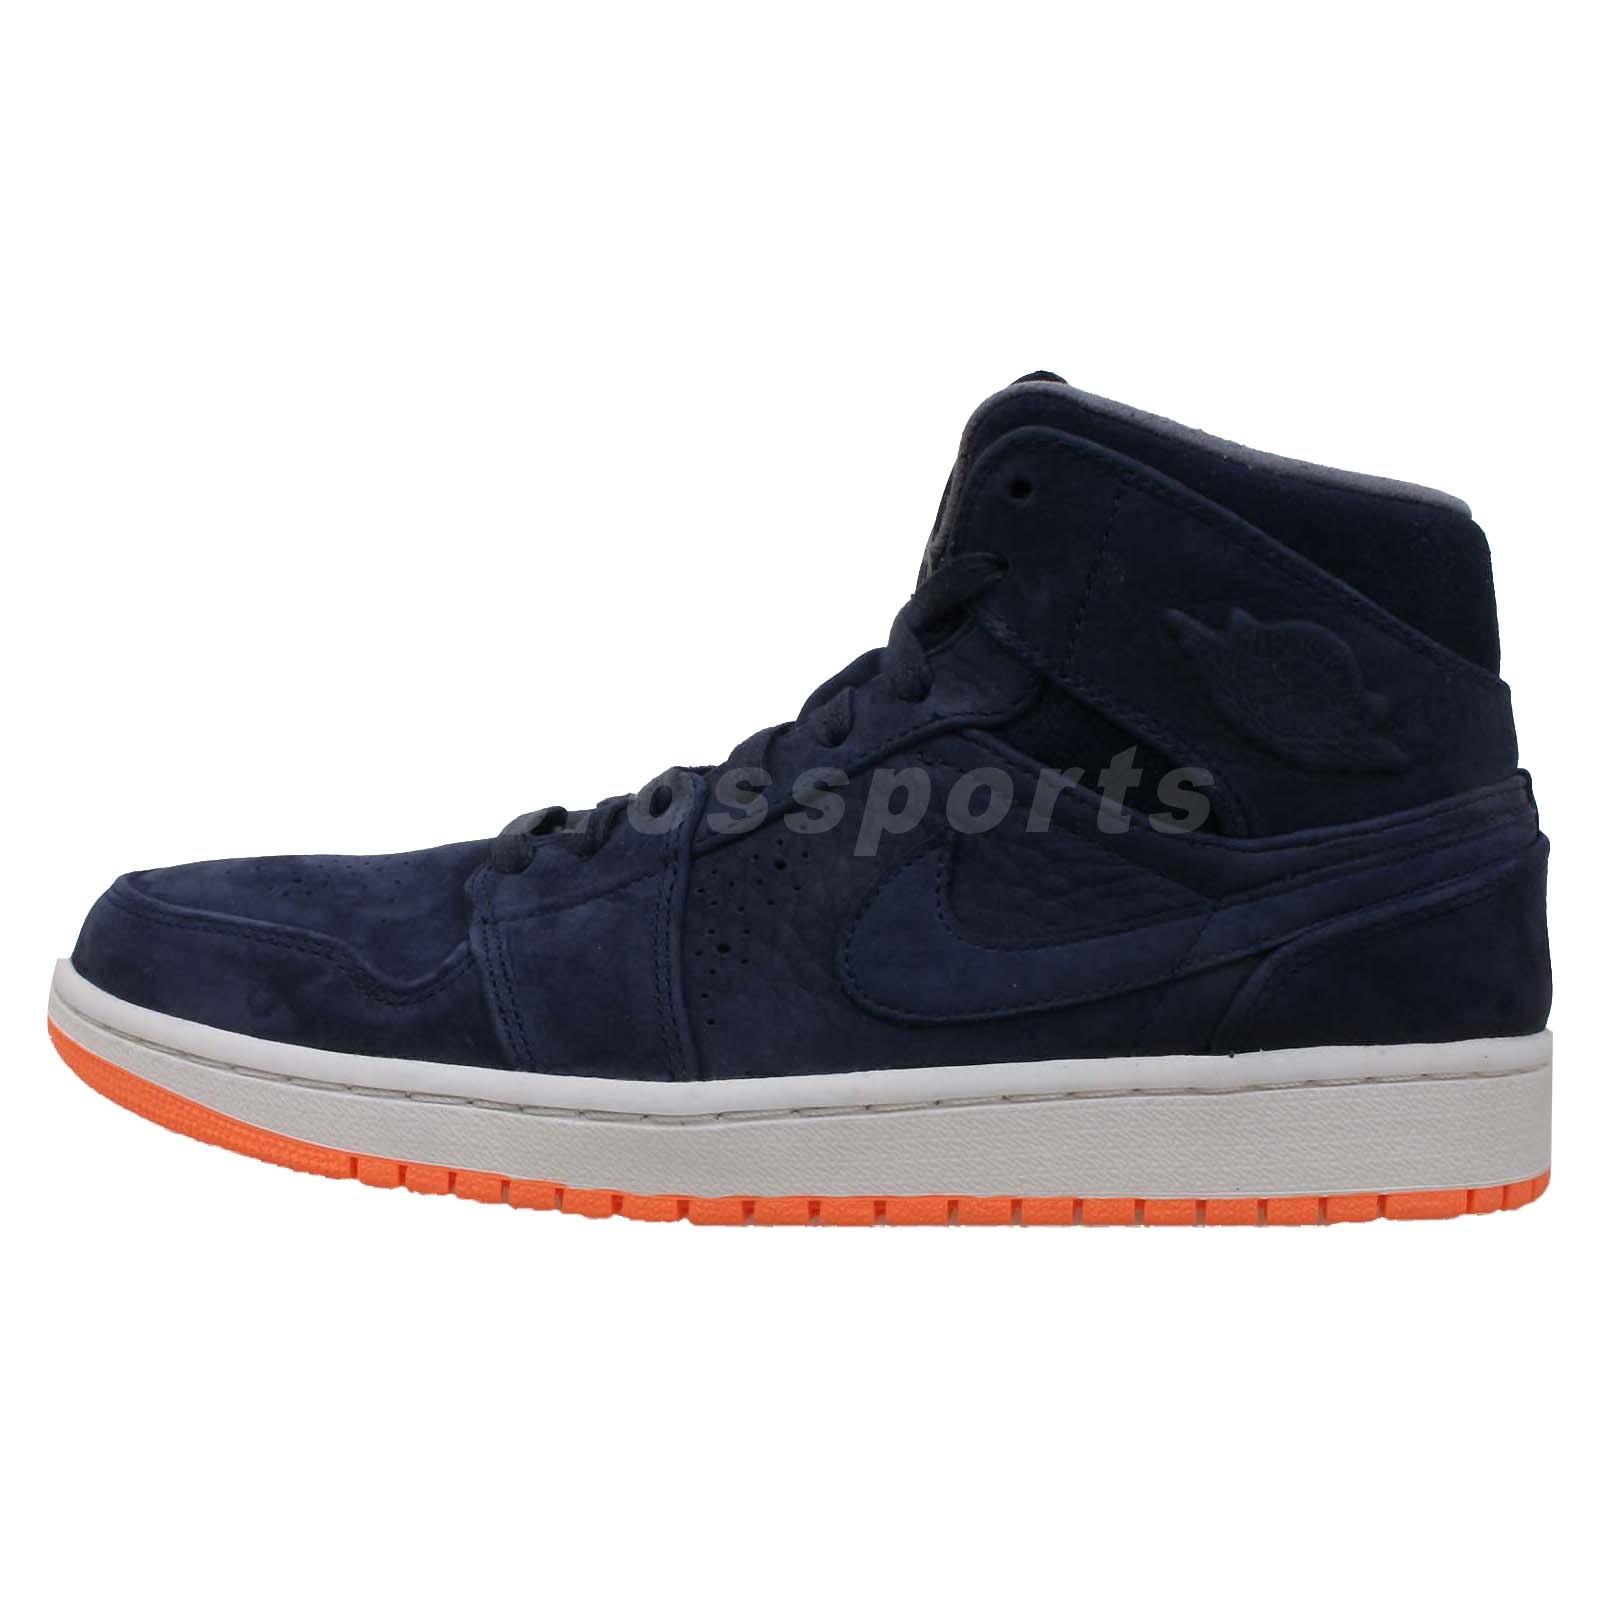 42d46ea6cea Nike Air Jordan 1 Mid Navy Orange